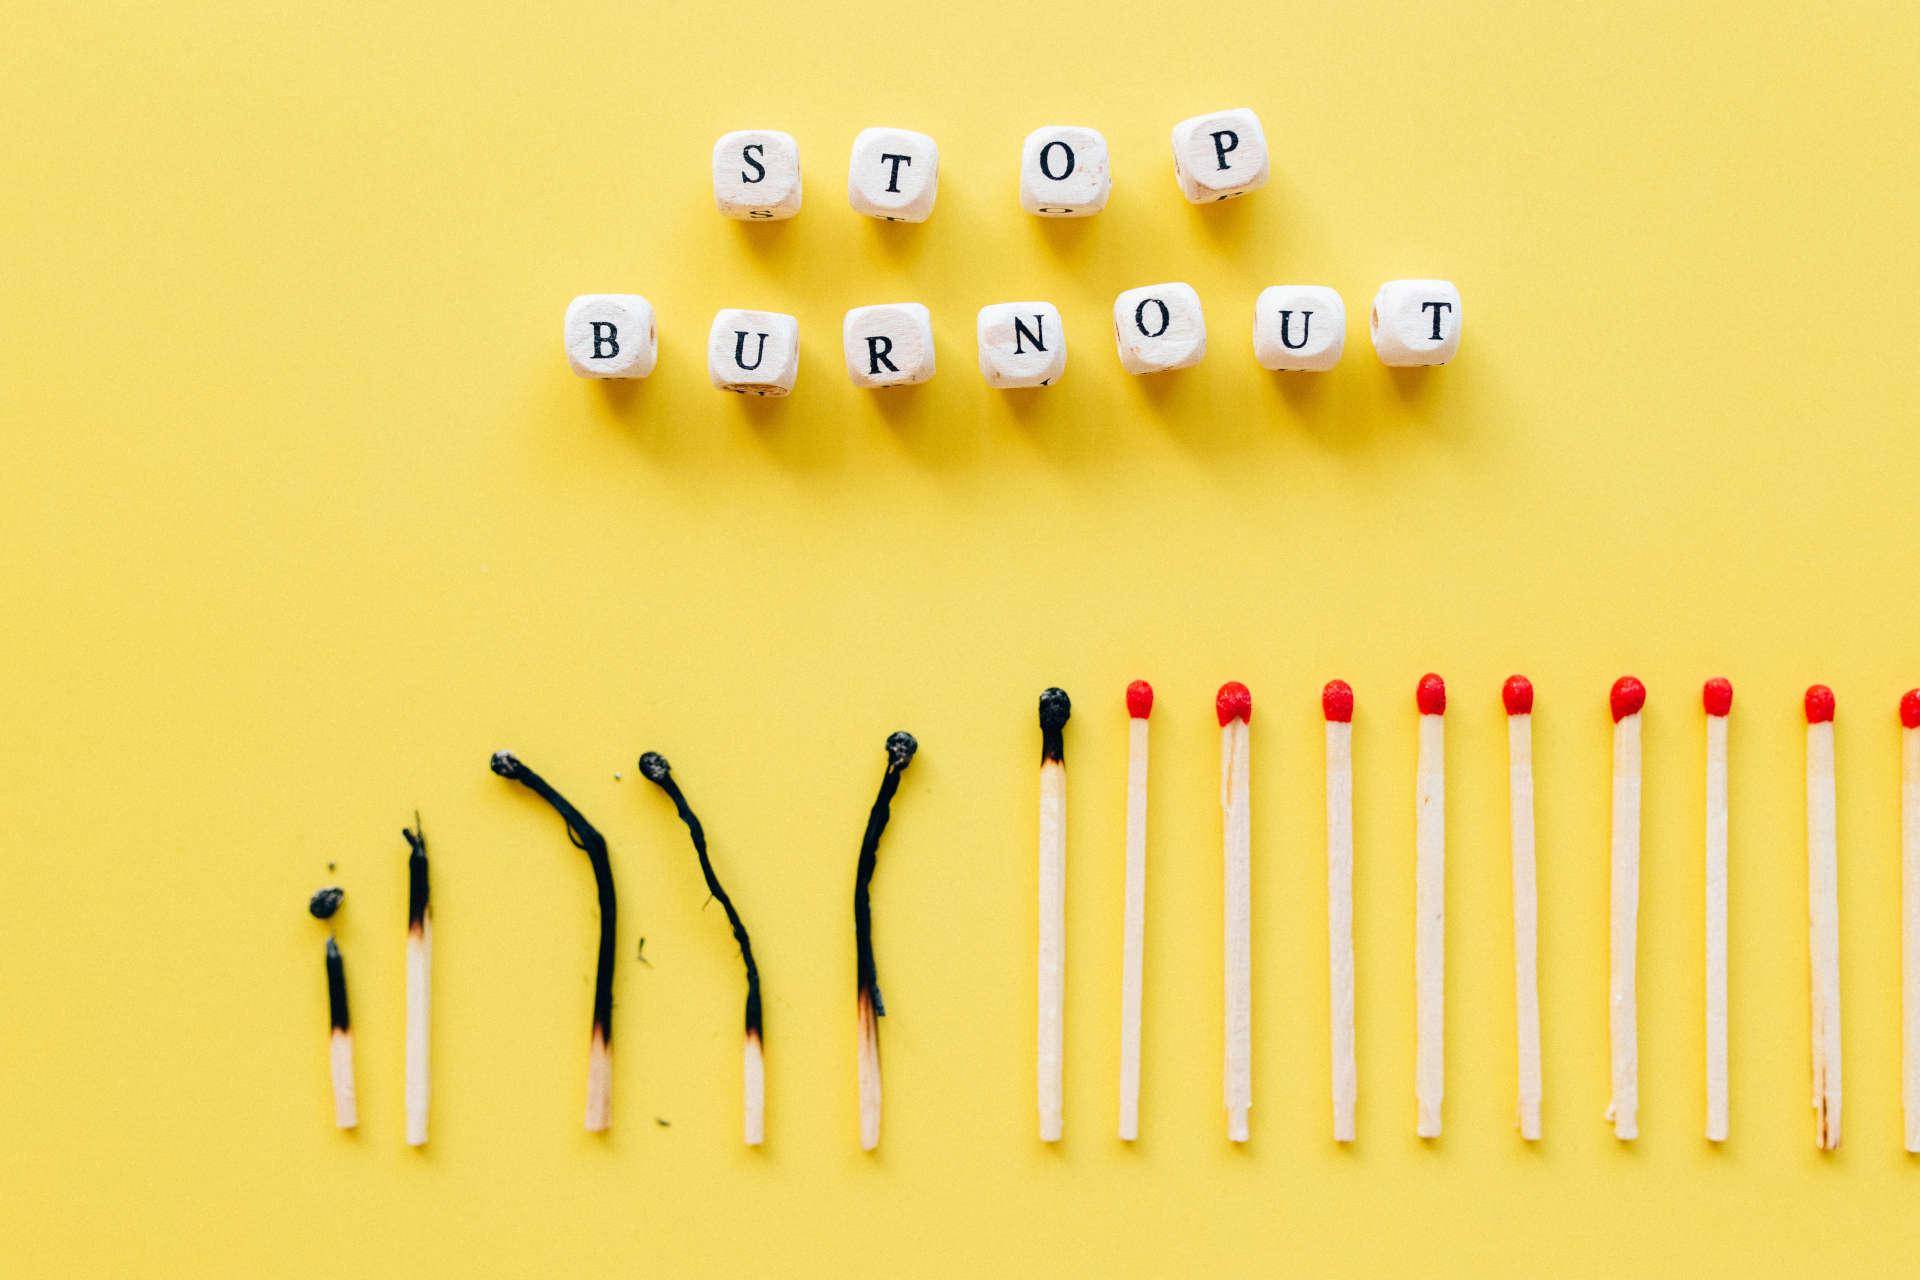 burnout streichhölzer ausgebrannt